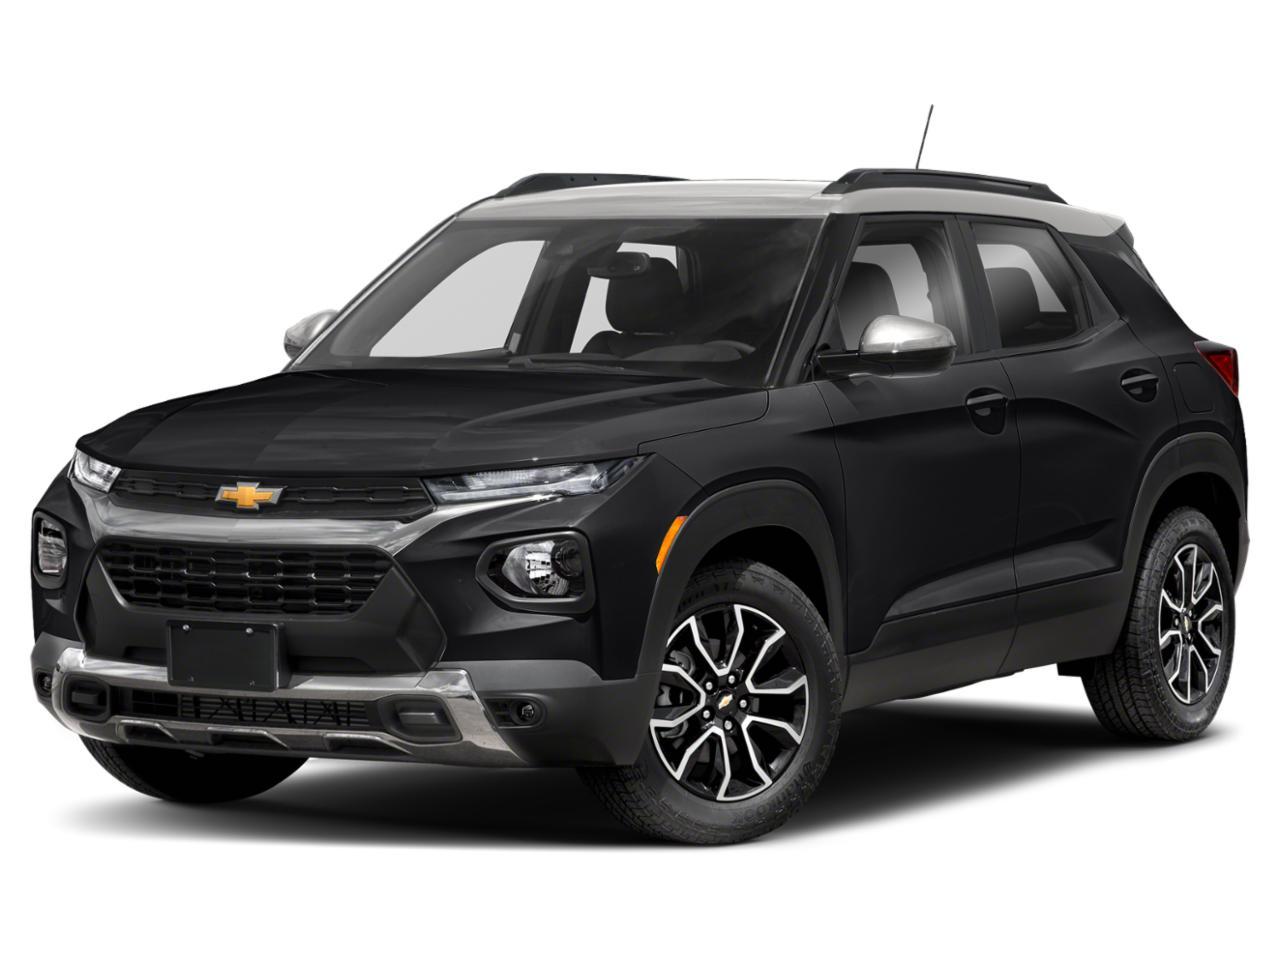 2021 Chevrolet Trailblazer Vehicle Photo in Massena, NY 13662